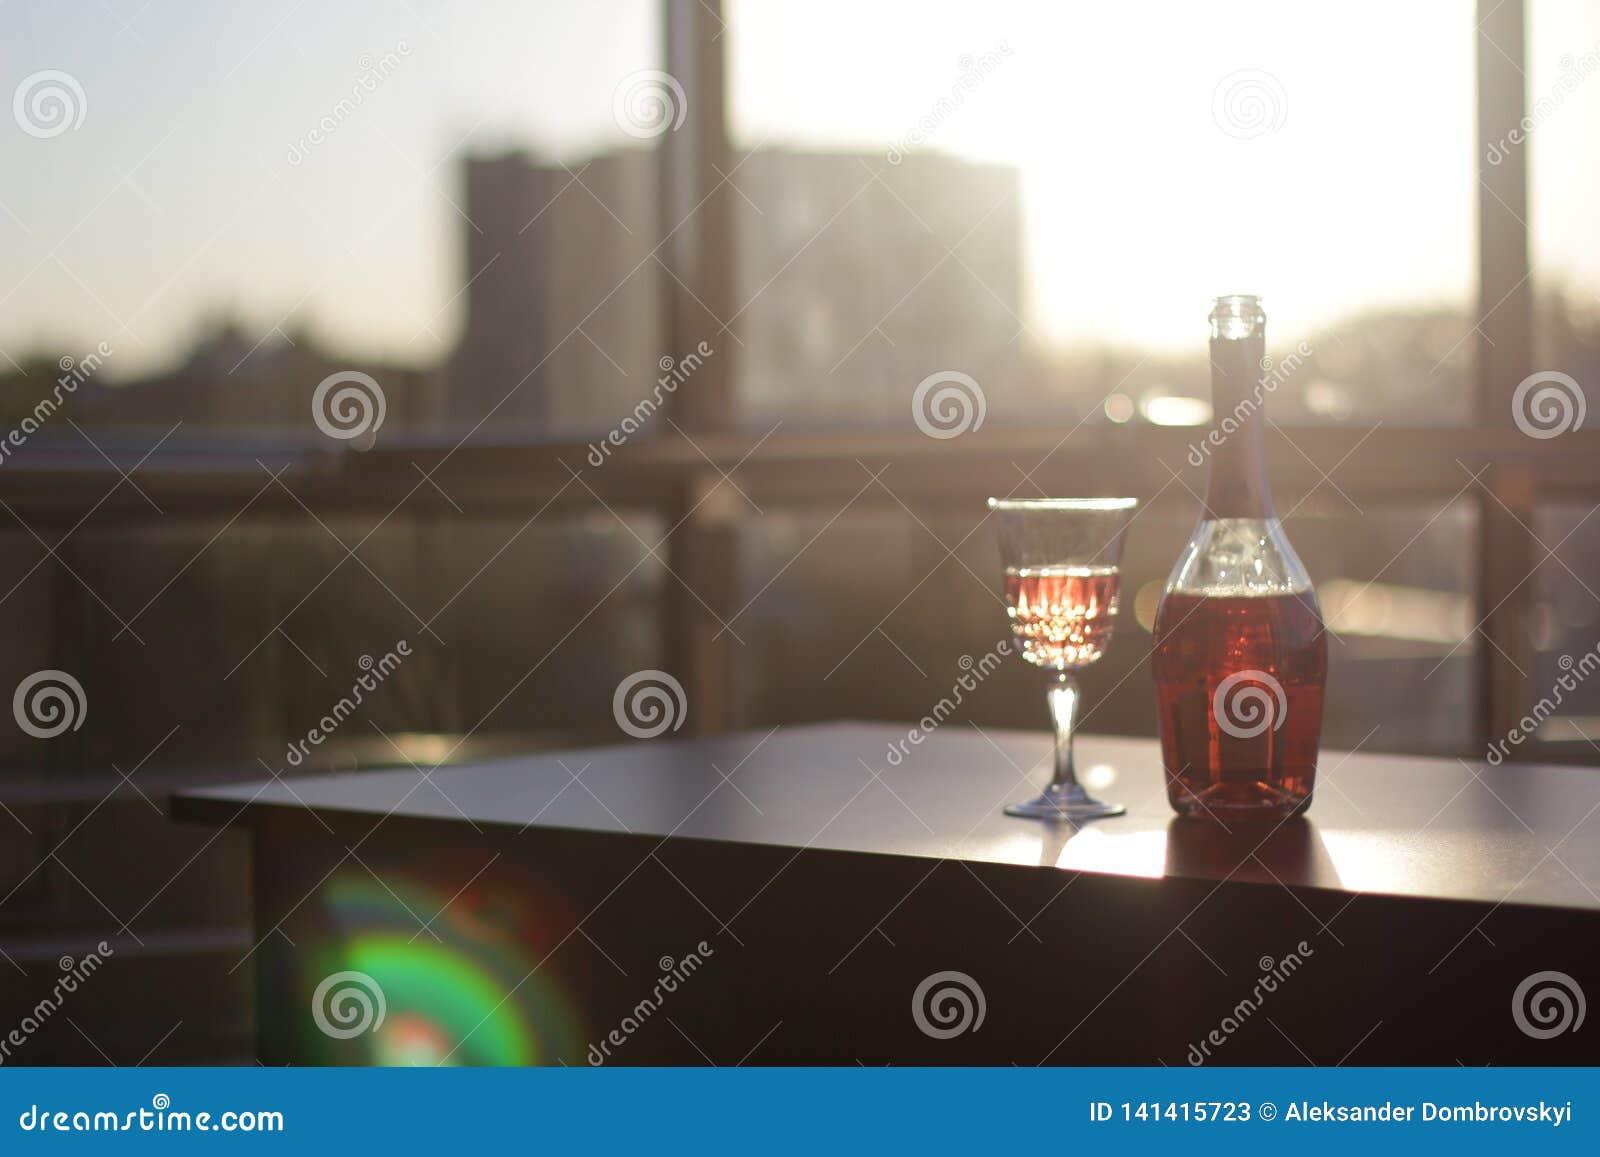 Flasche und Glas mit Wein auf dem Tisch im Büro